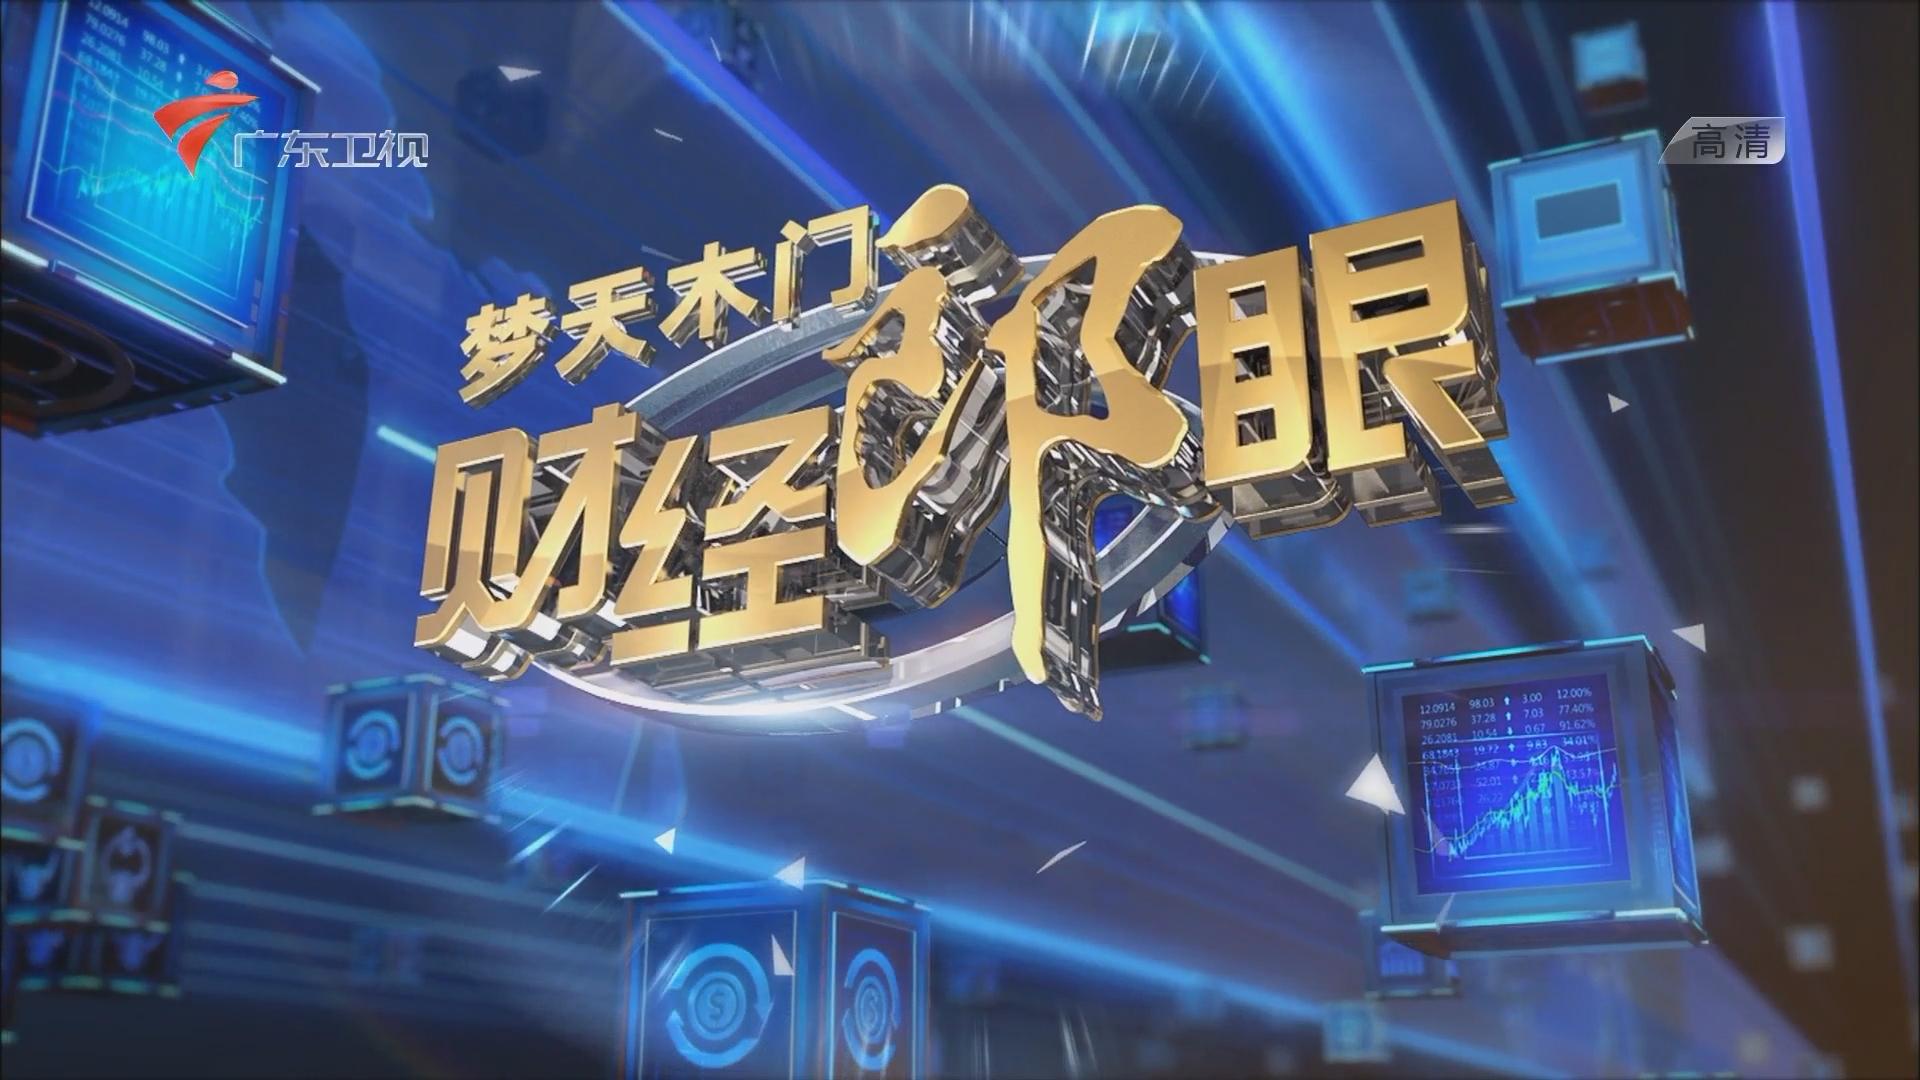 20170424《财经郎眼》雄安:创新之城 梦想之路